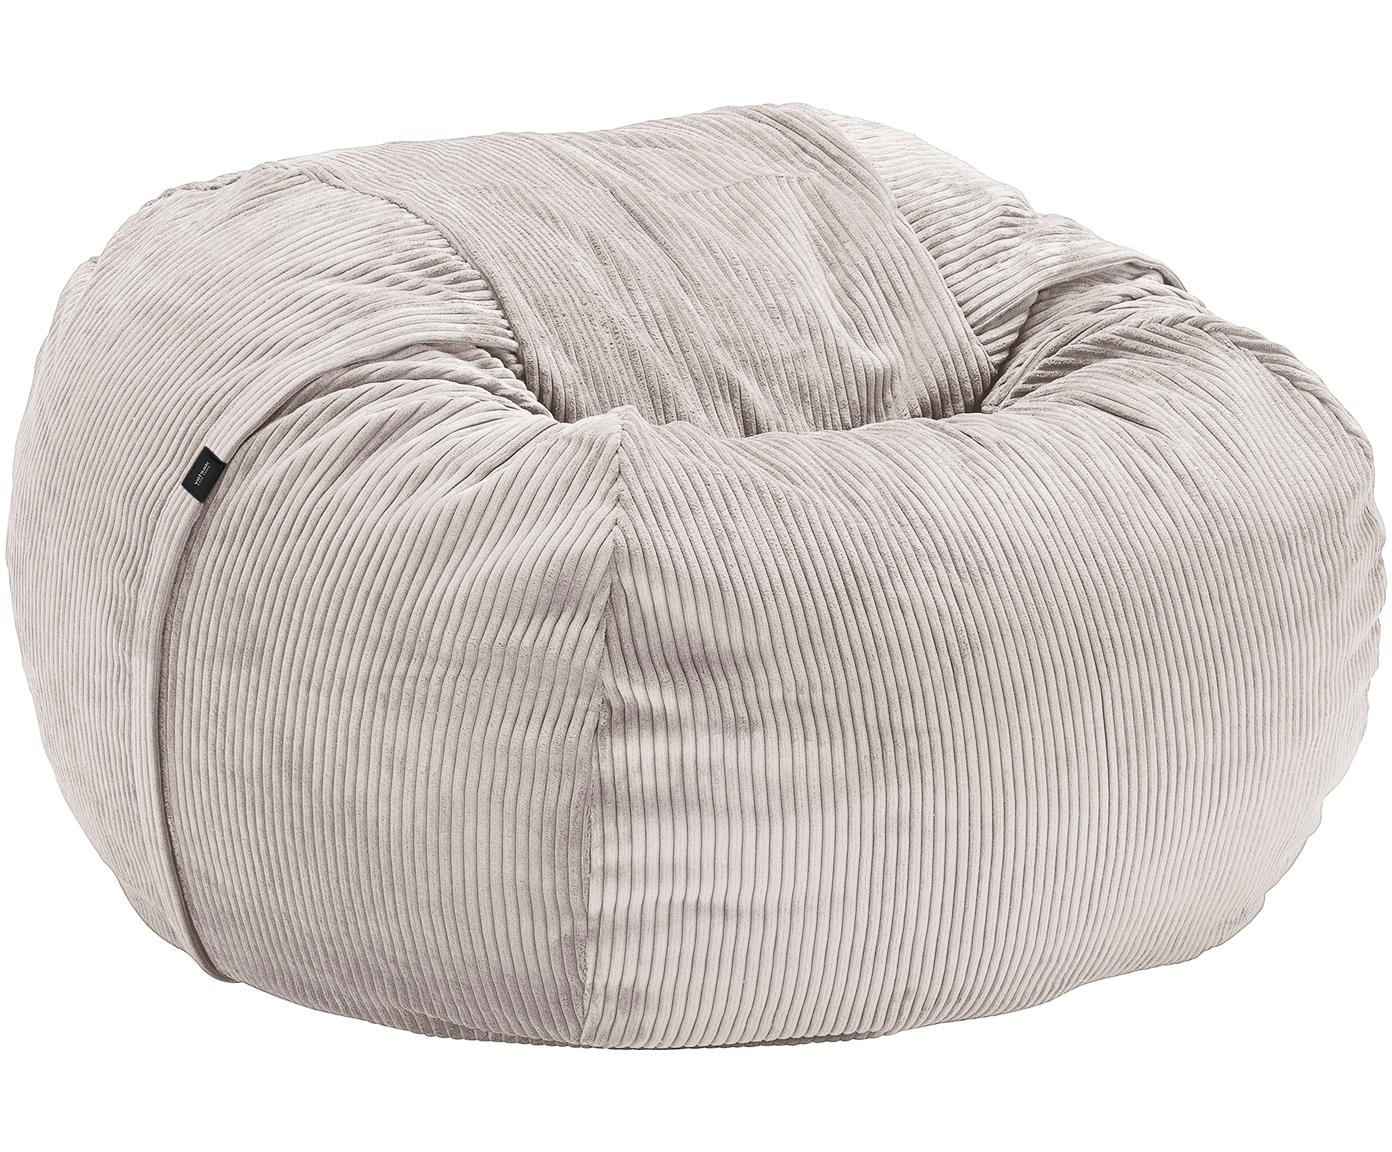 Poduszka do siedzenia ze sztruksu Velours, Tapicerka: 88%nylon, 12%poliester , Odcienie platynowego, Ø 110 x W 70 cm